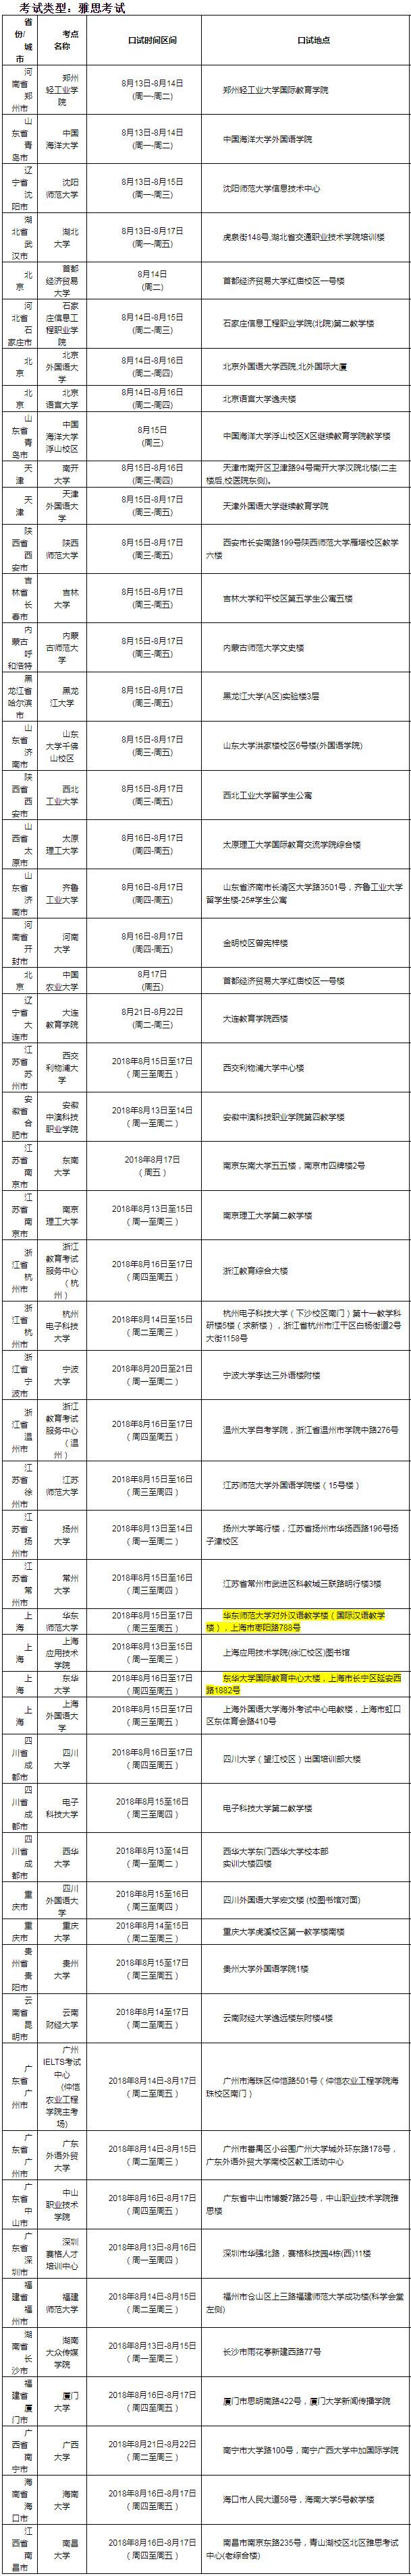 2018年8月18日雅思口语考试安排